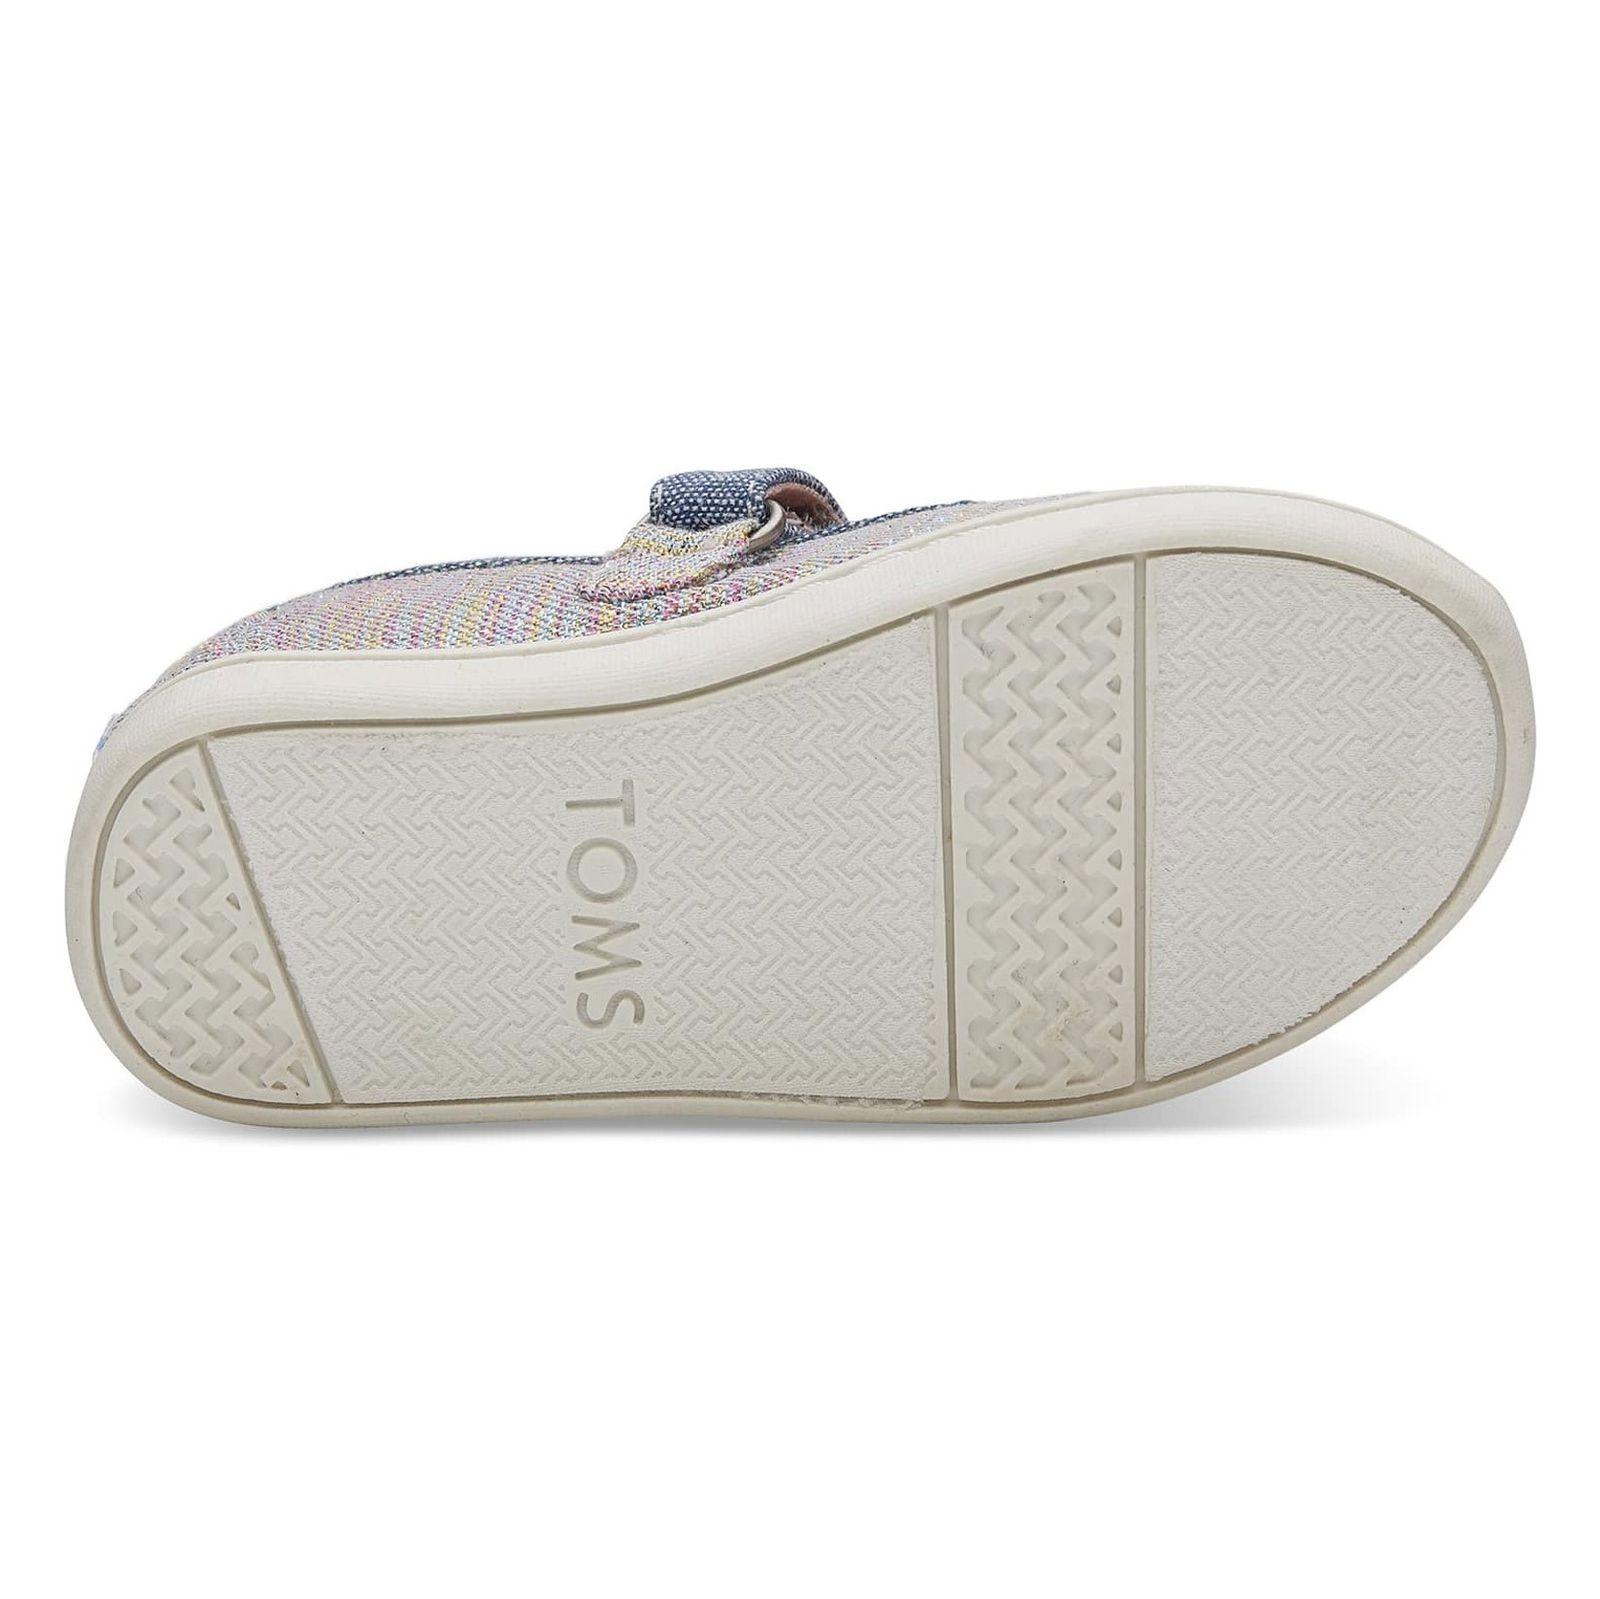 کفش پارچه ای چسبی دخترانه MARY - تامز - چند رنگ - 4